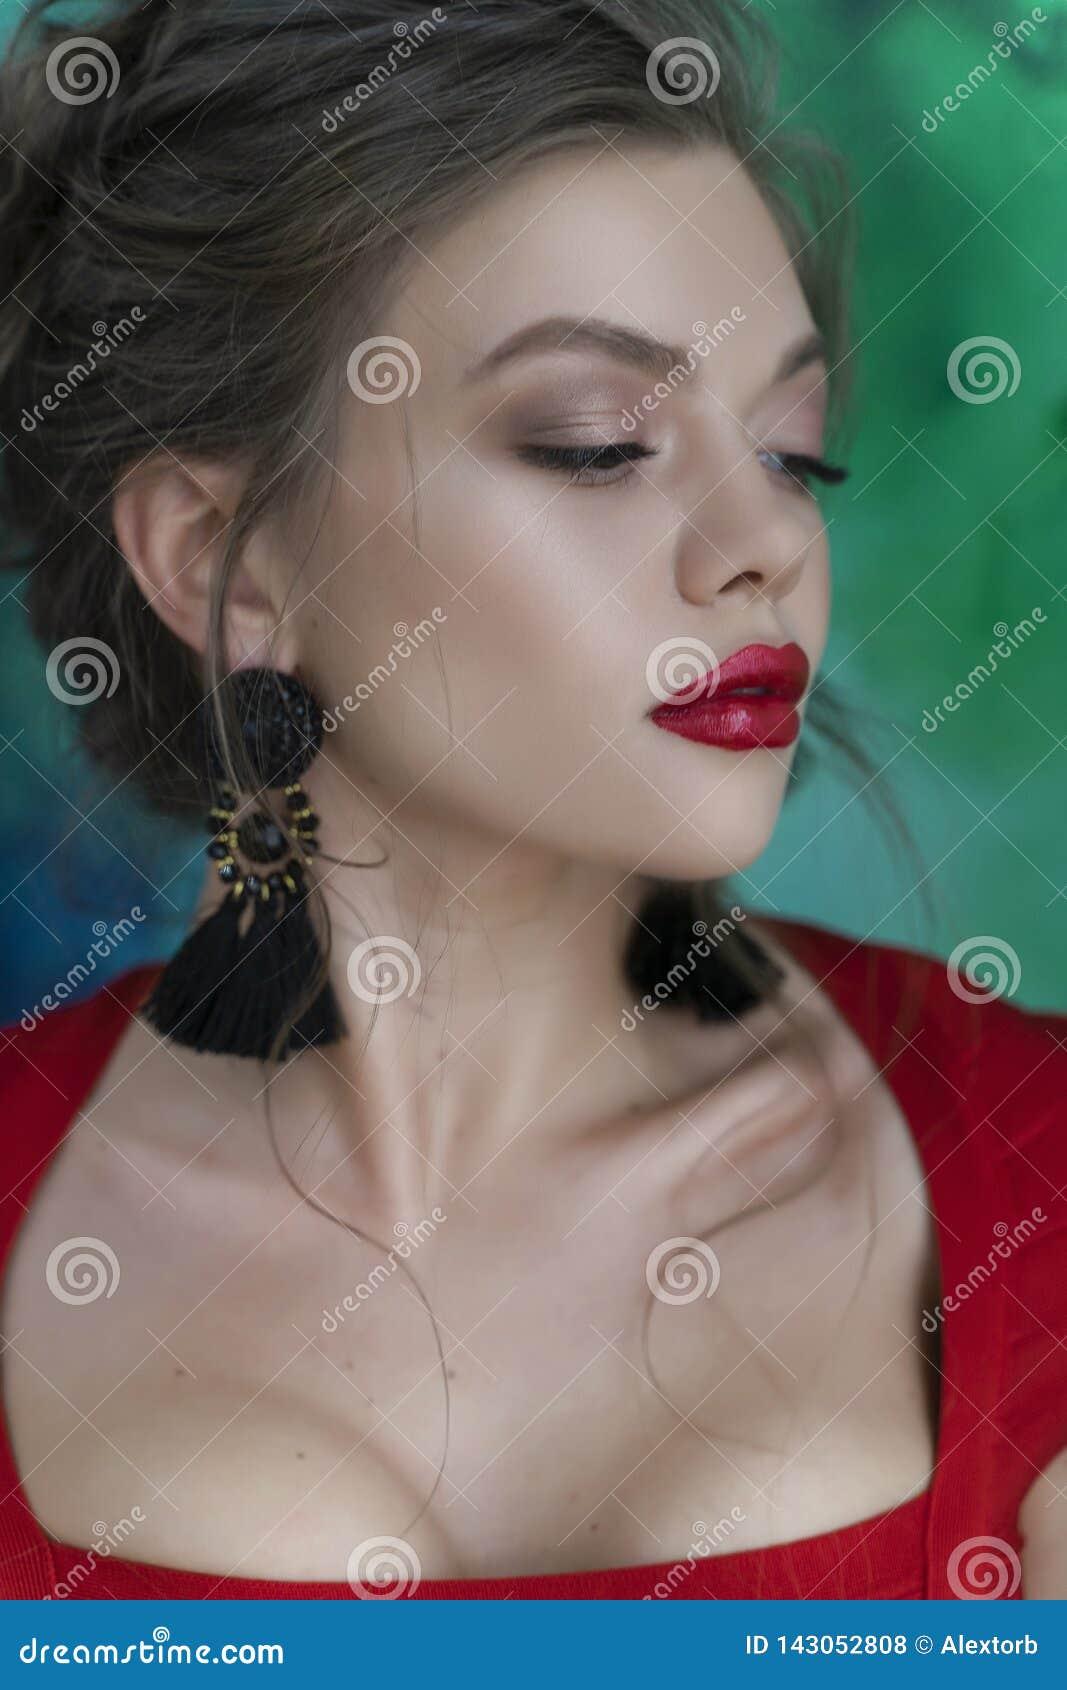 Härlig ung sexig elegant flicka med stora bröst och att bära en röd åtsittande klänning och örhängen som står sensually på en grä